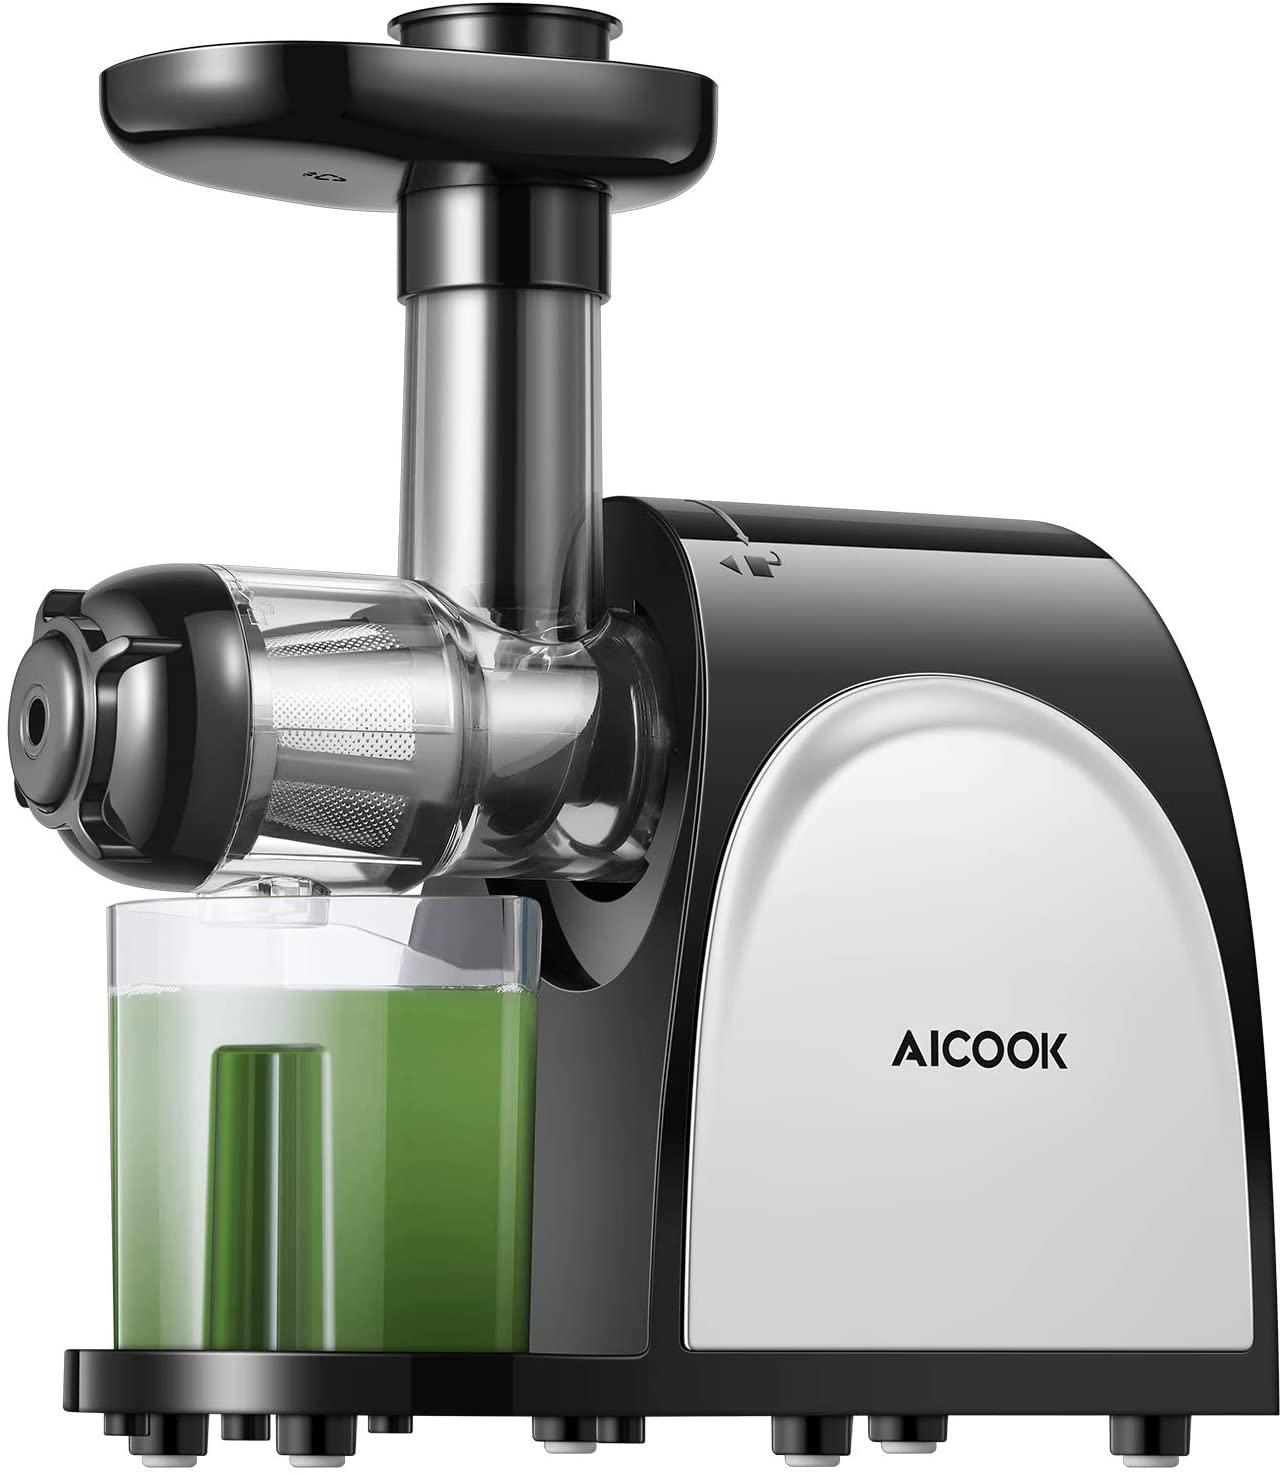 AICOOK Cold Press Juicer